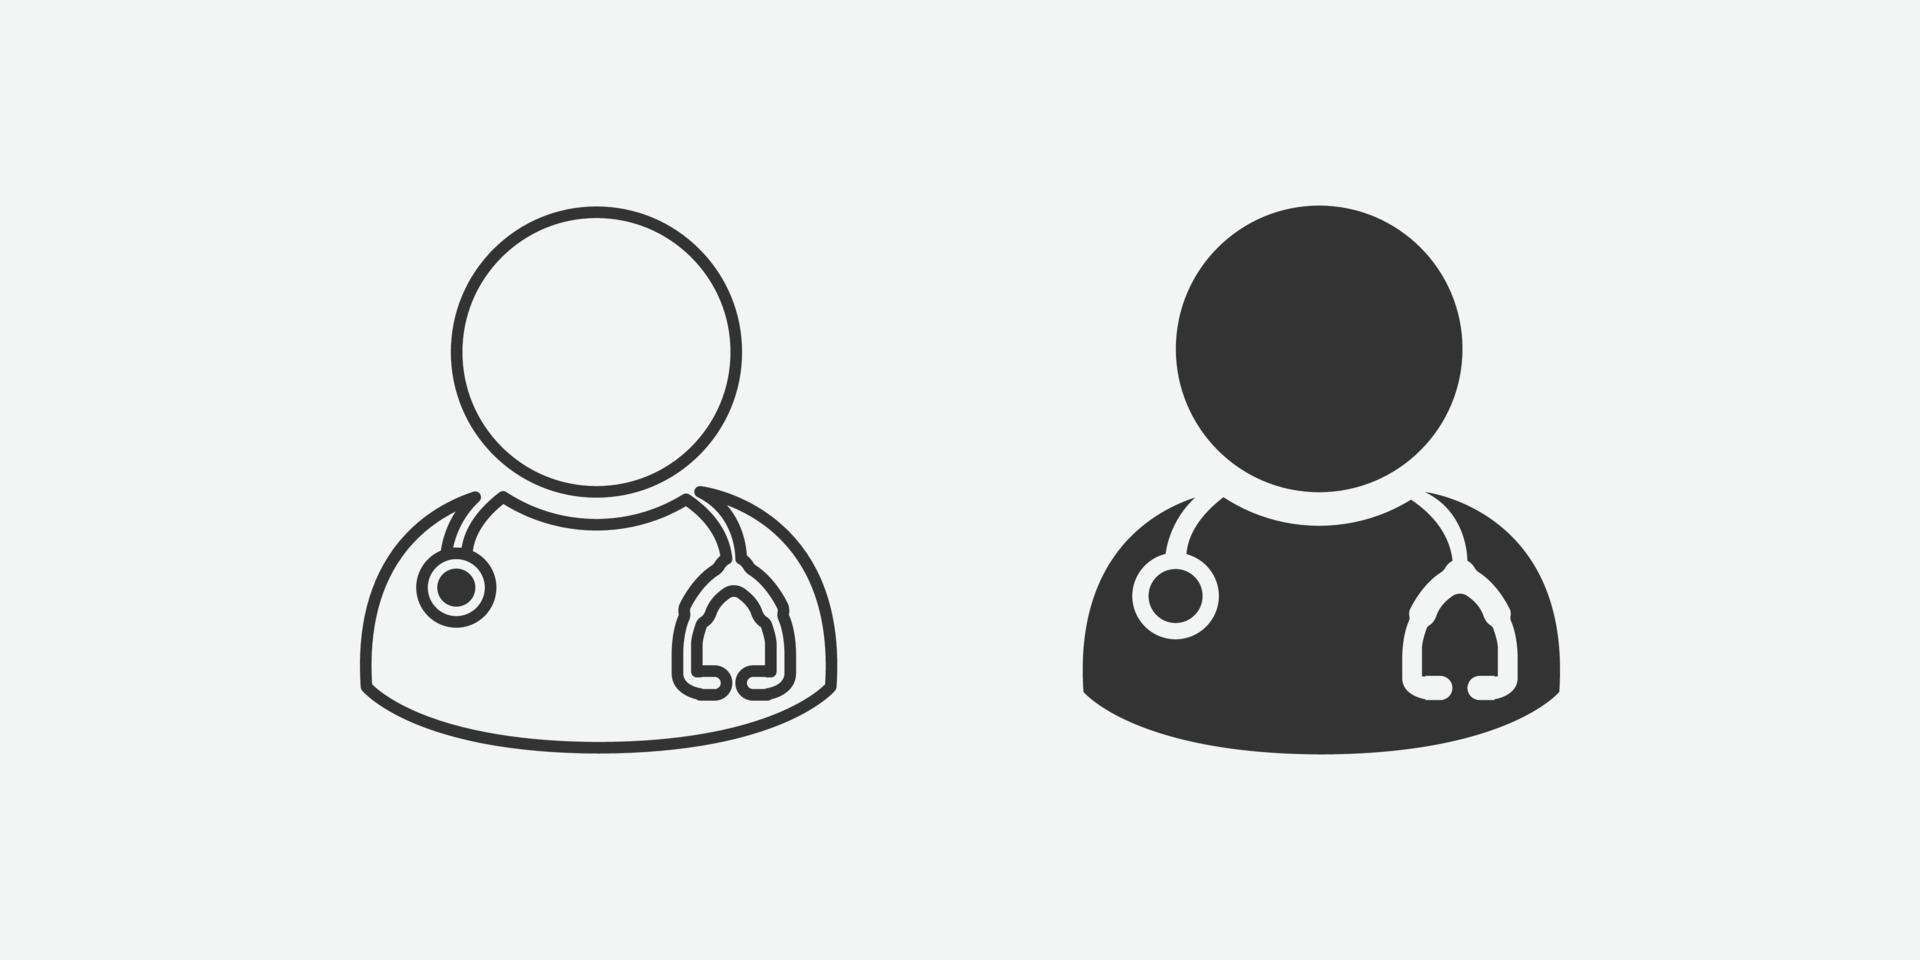 arts met een stethoscoop vector geïsoleerde pictogram voor web